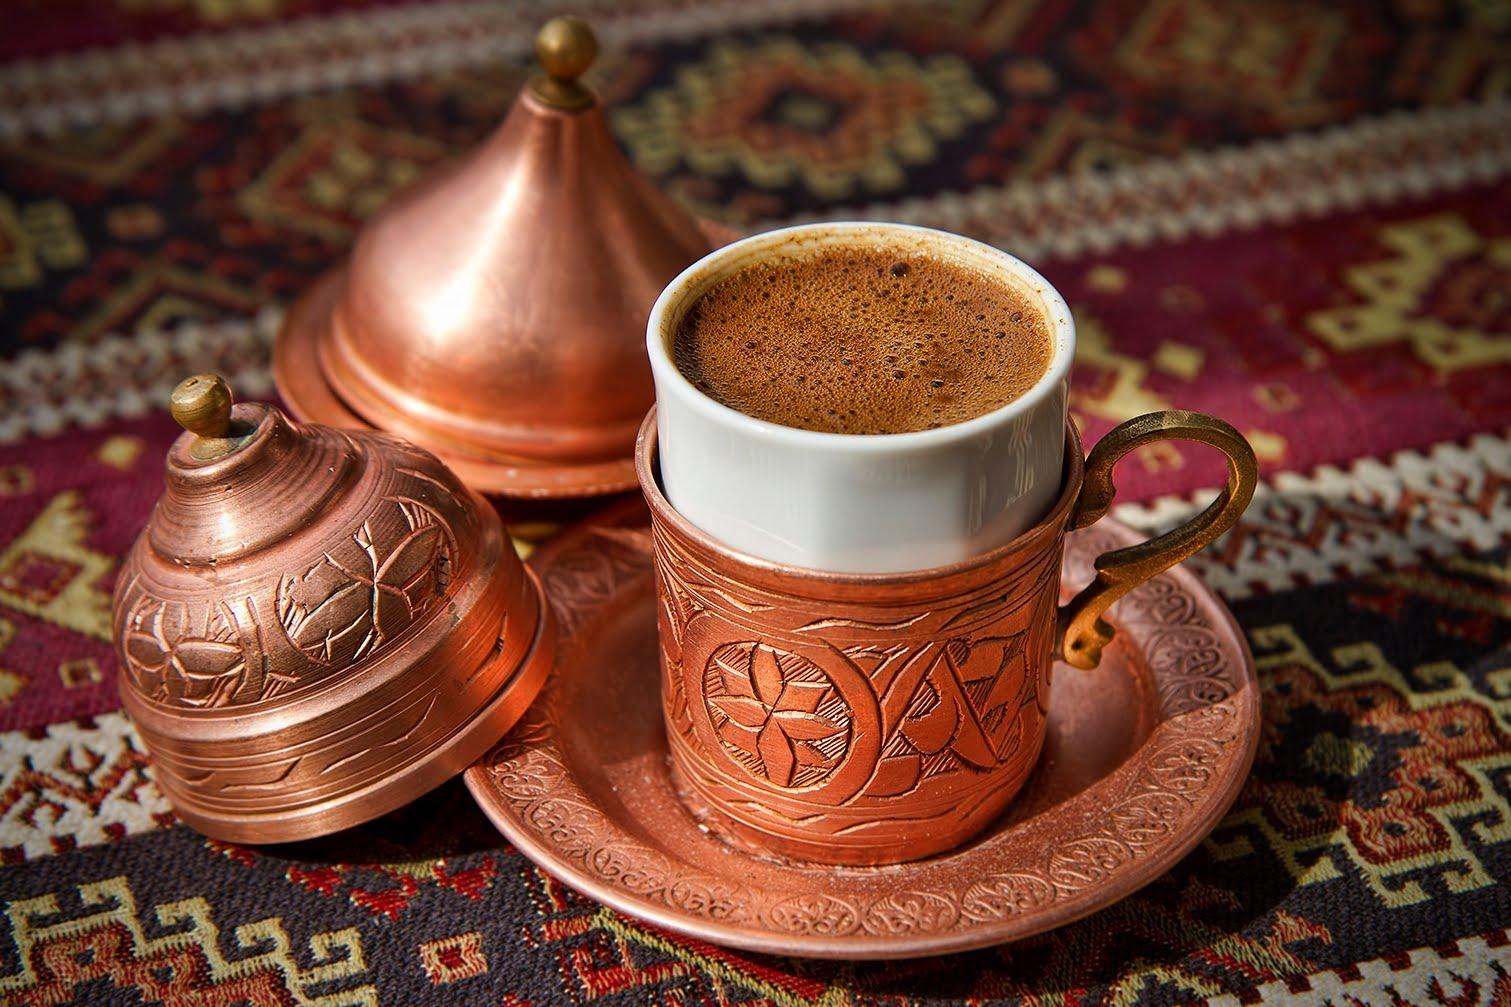 turk-kahvesi-icmenin-adabi-nedir.jpg